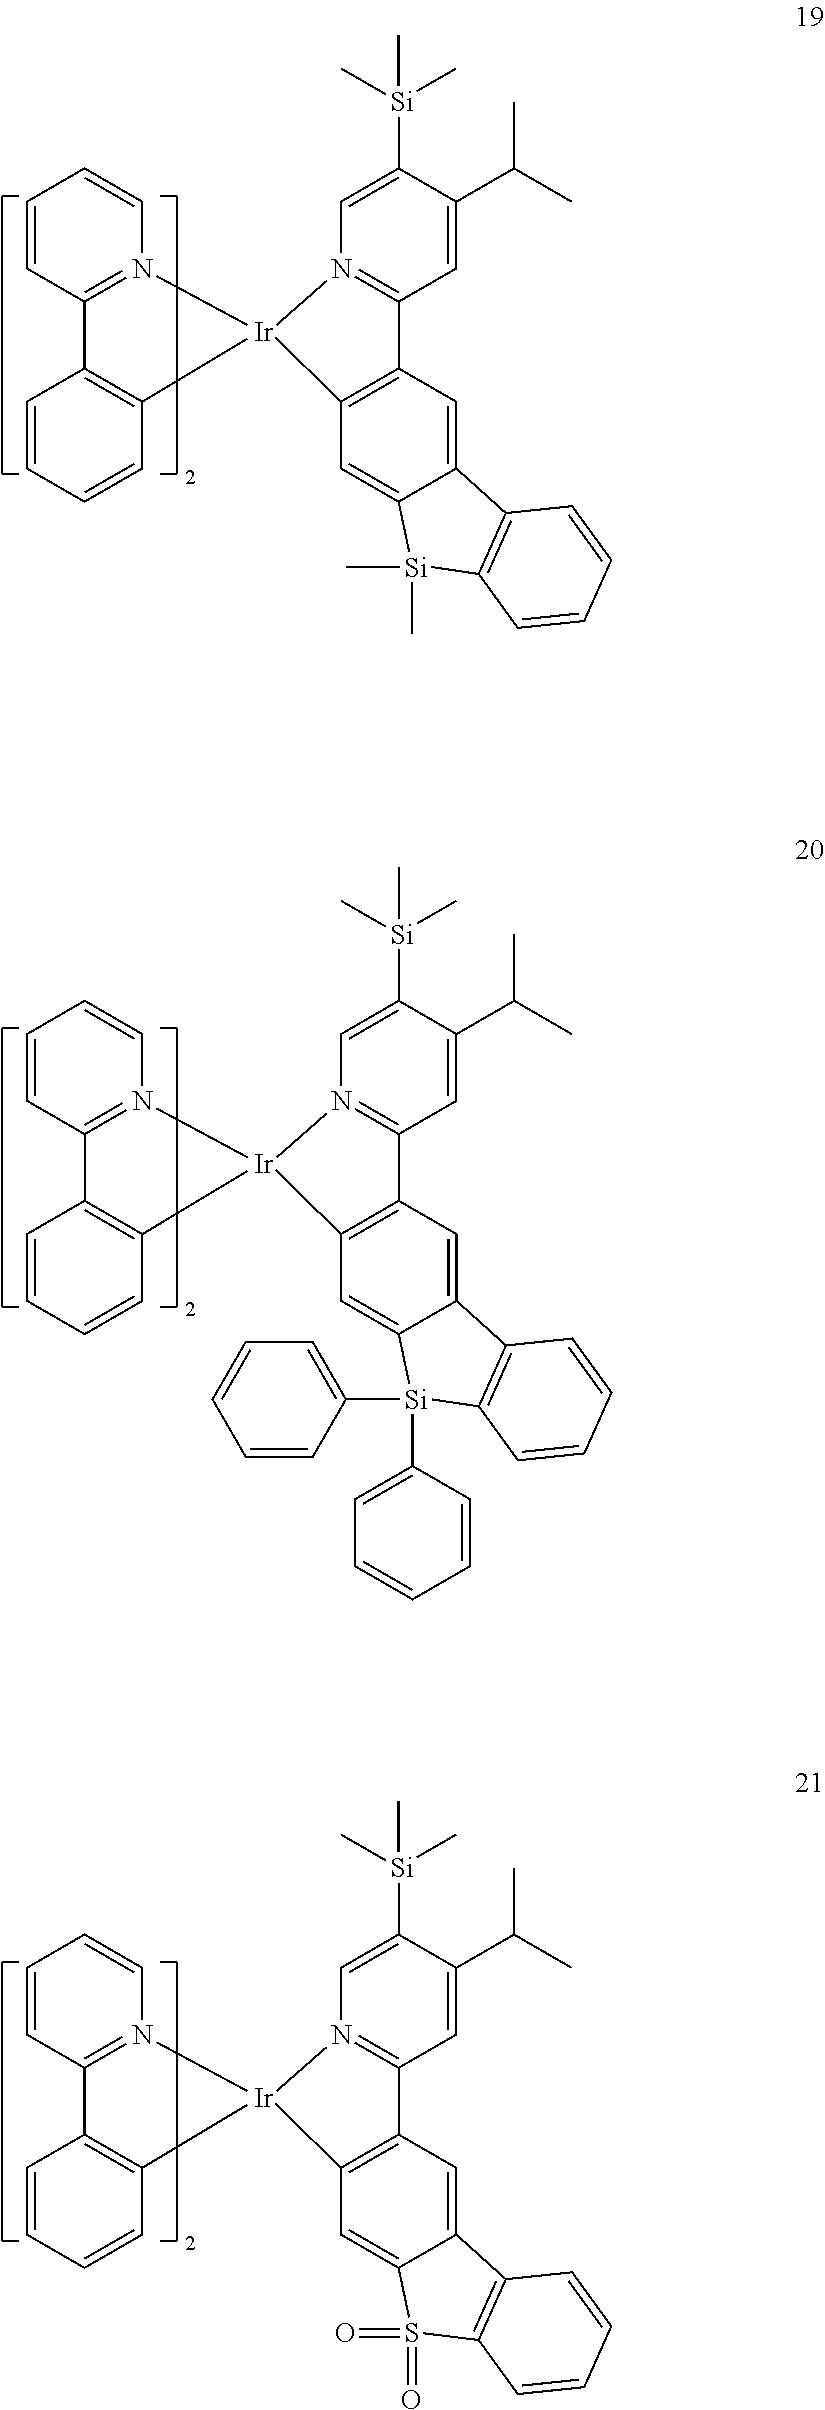 Figure US20160155962A1-20160602-C00064